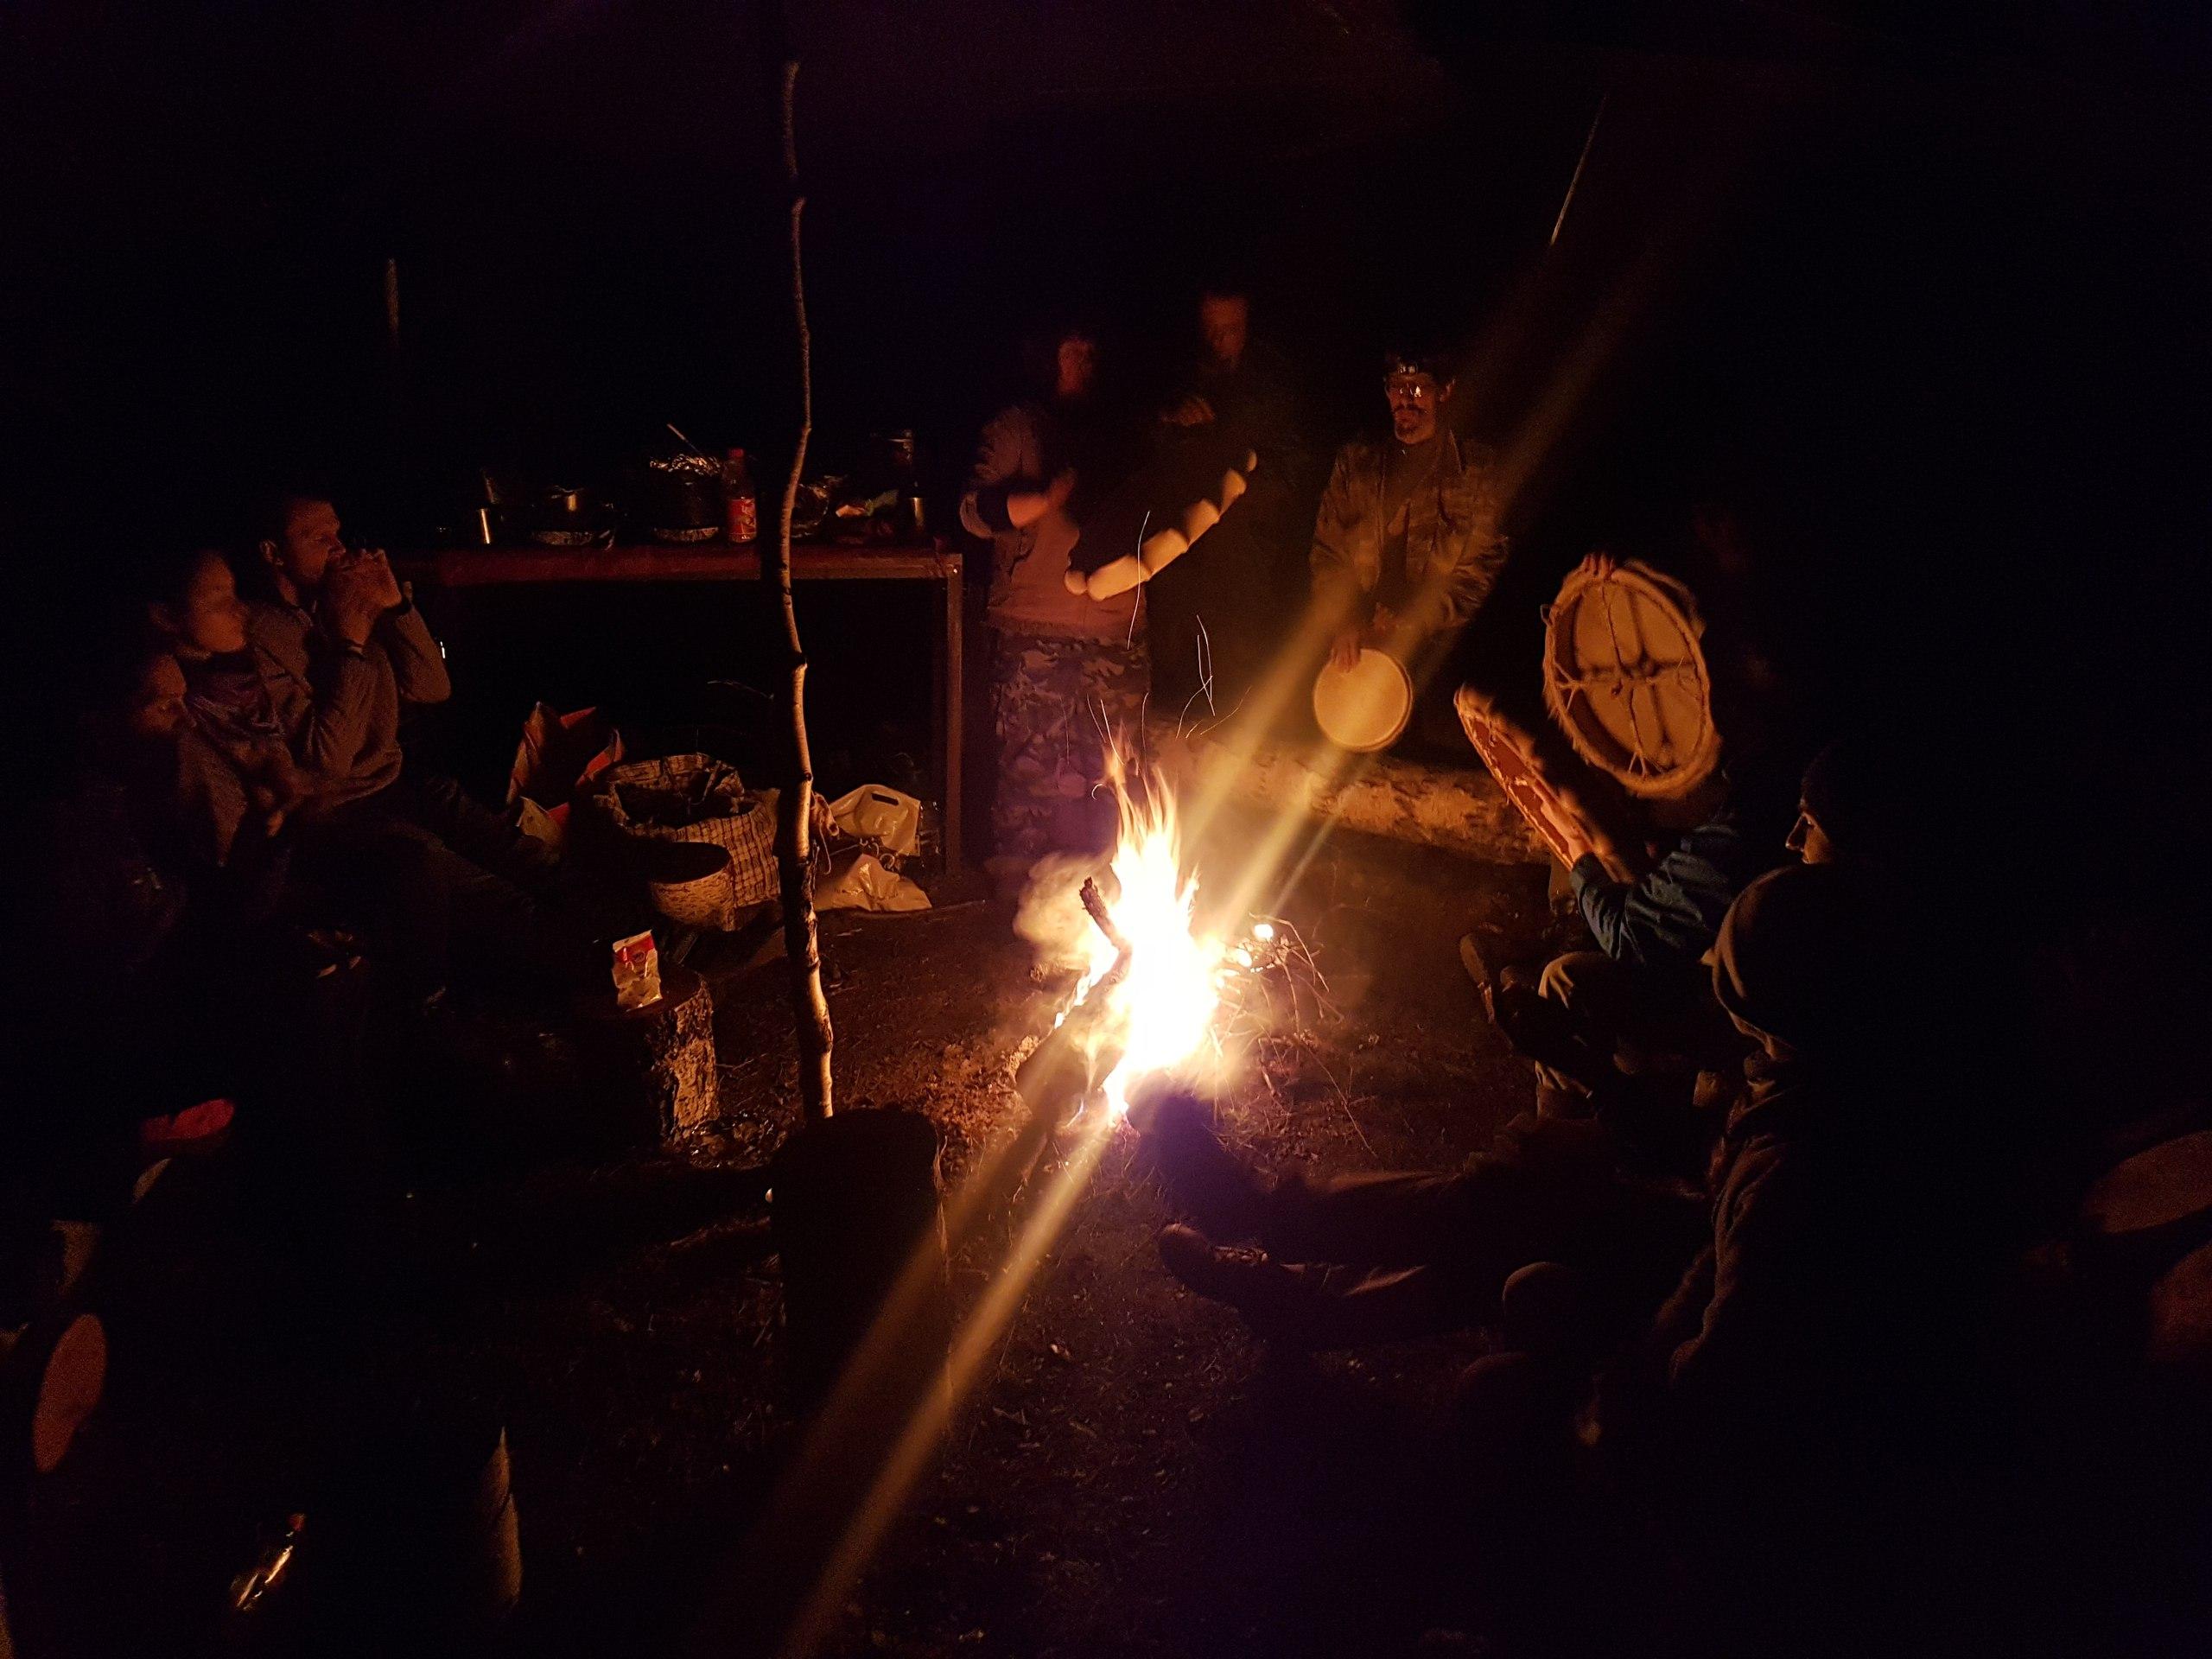 У ночного огня